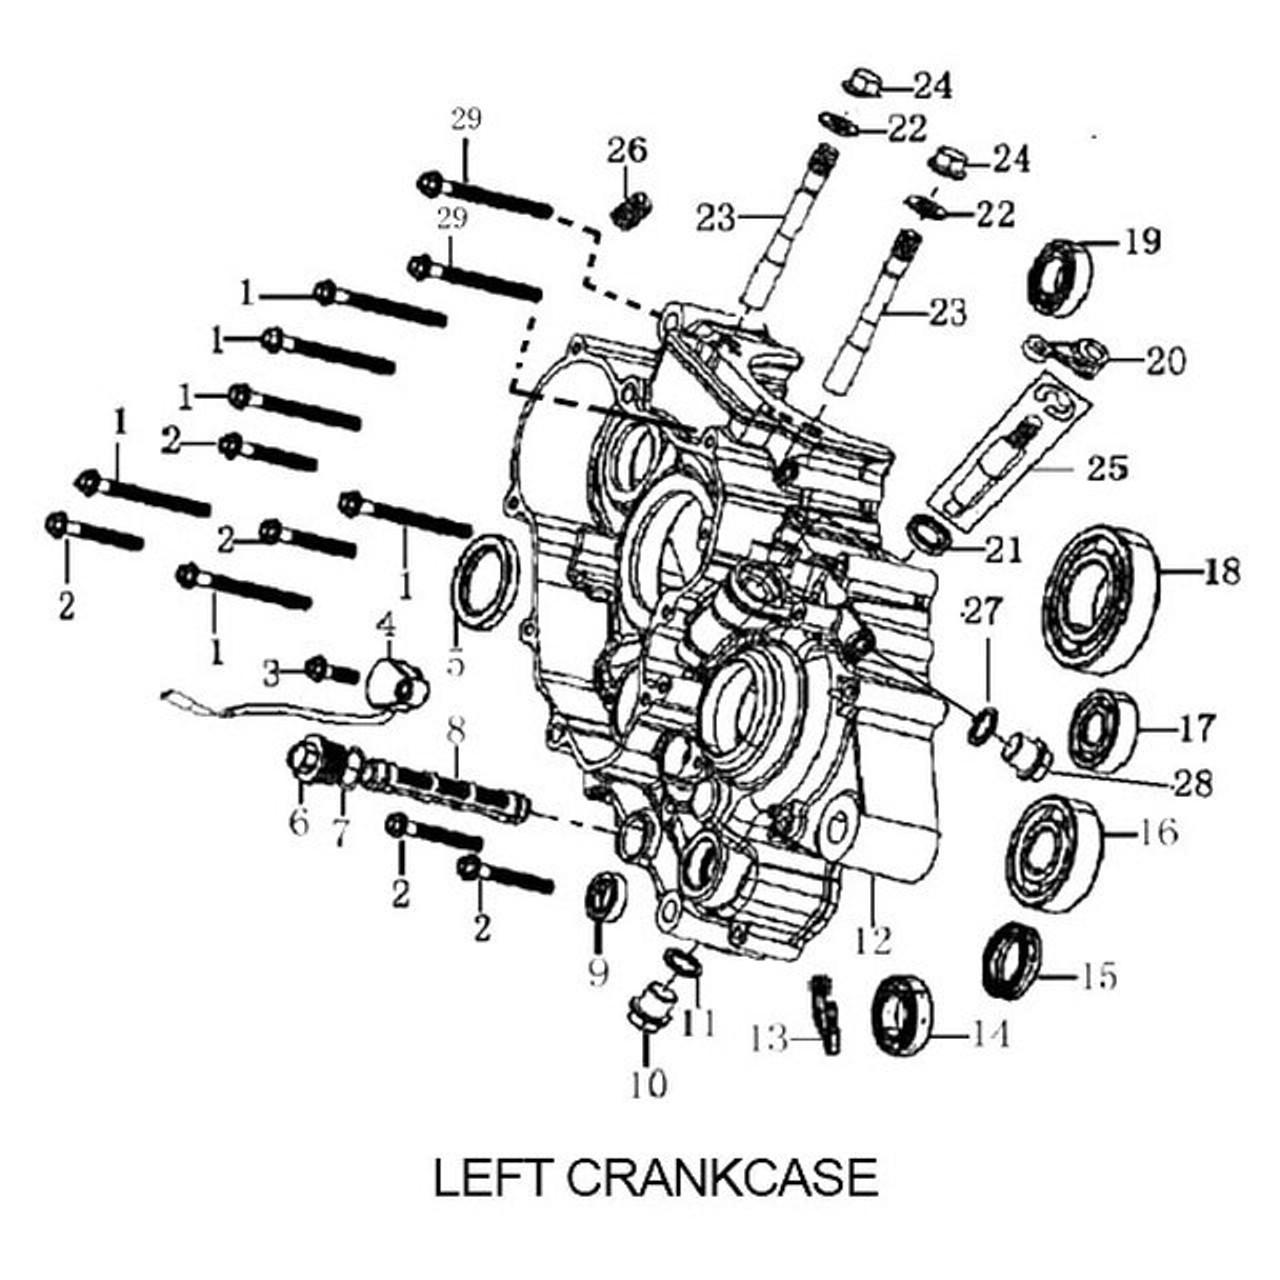 ENGINE CRANKCASE, LEFT